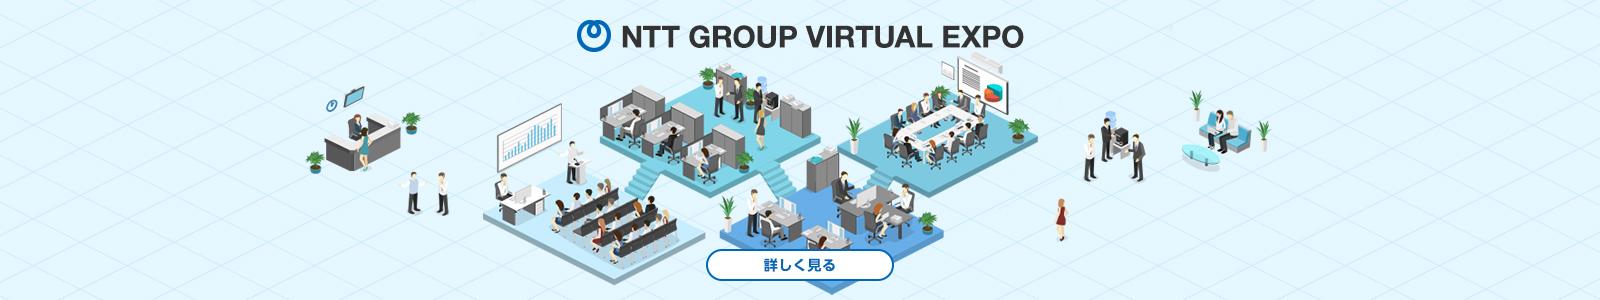 NTT GROUP VIRTUAL EXPO 詳しく見る